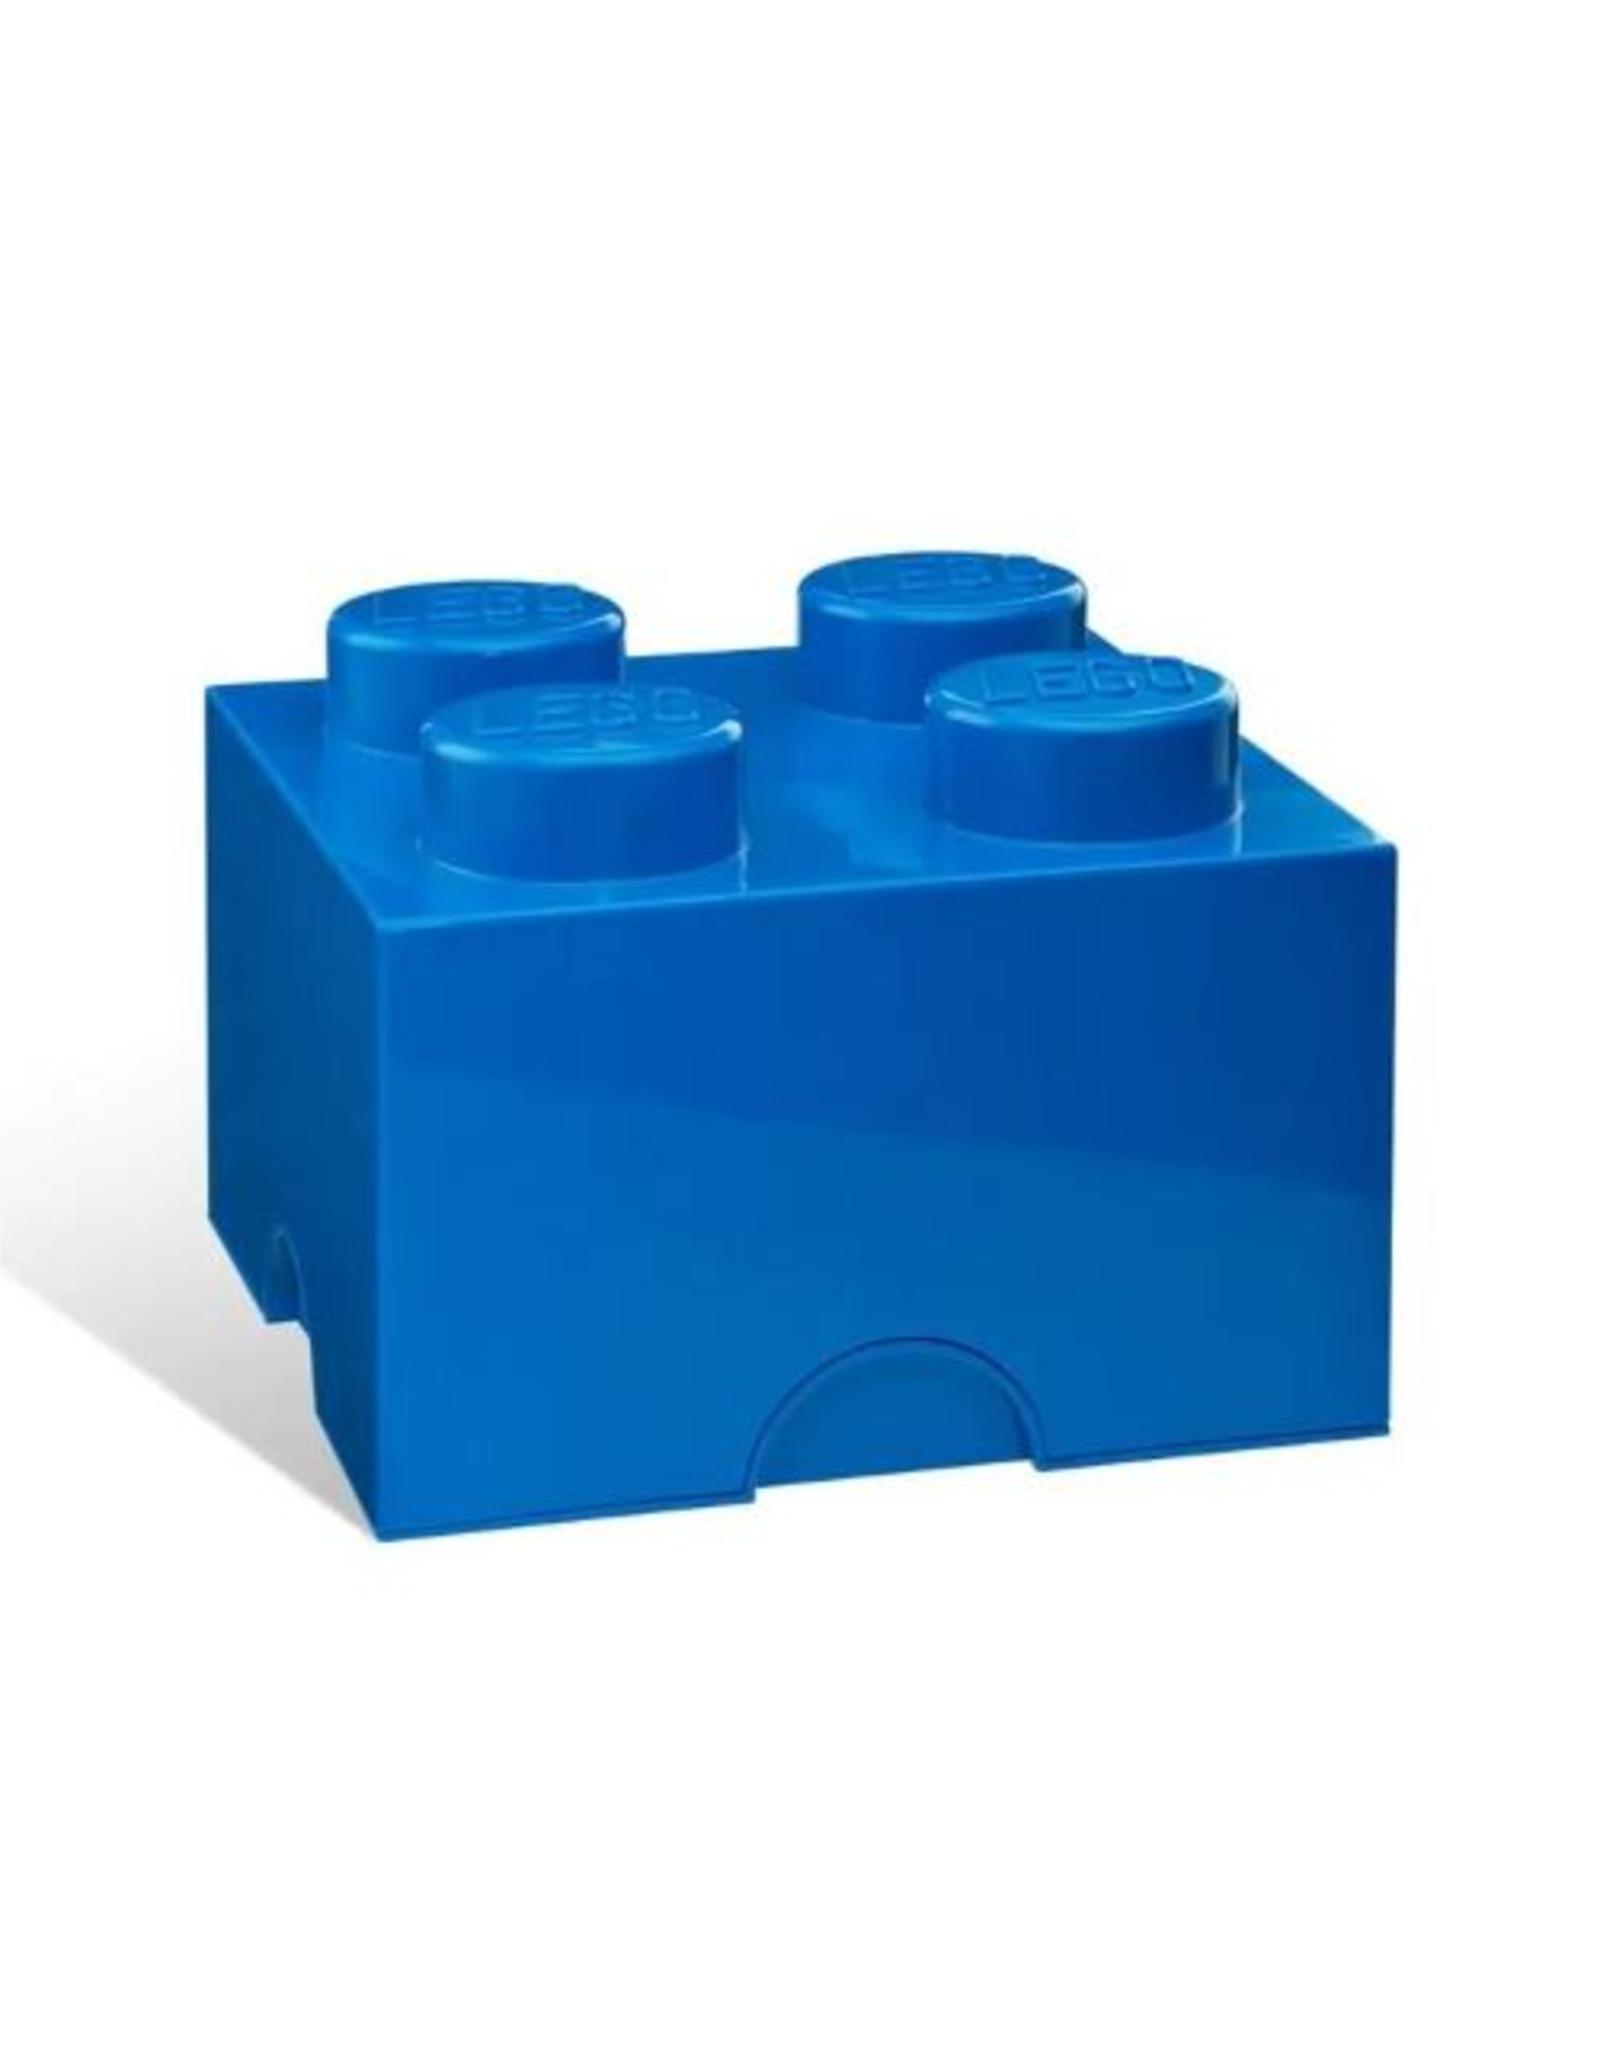 Lego LEGO STORAGE Brick 4 Bright Blue